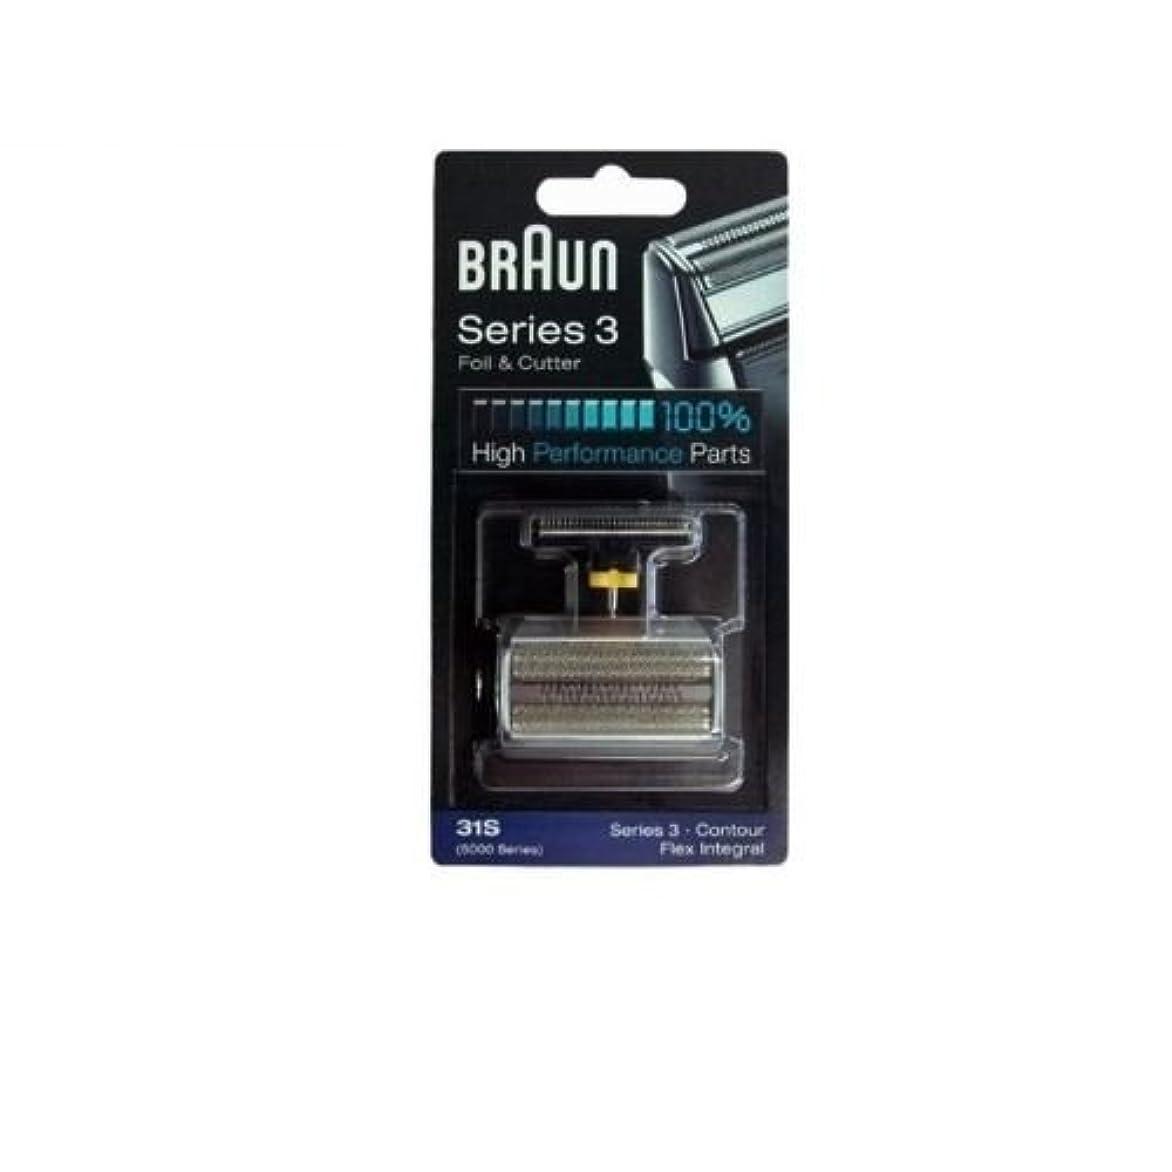 ペレグリネーションスキッパー箱Braun 31S コンビ箔と(旧5000/6000)をカッターの交換パック [並行輸入品]